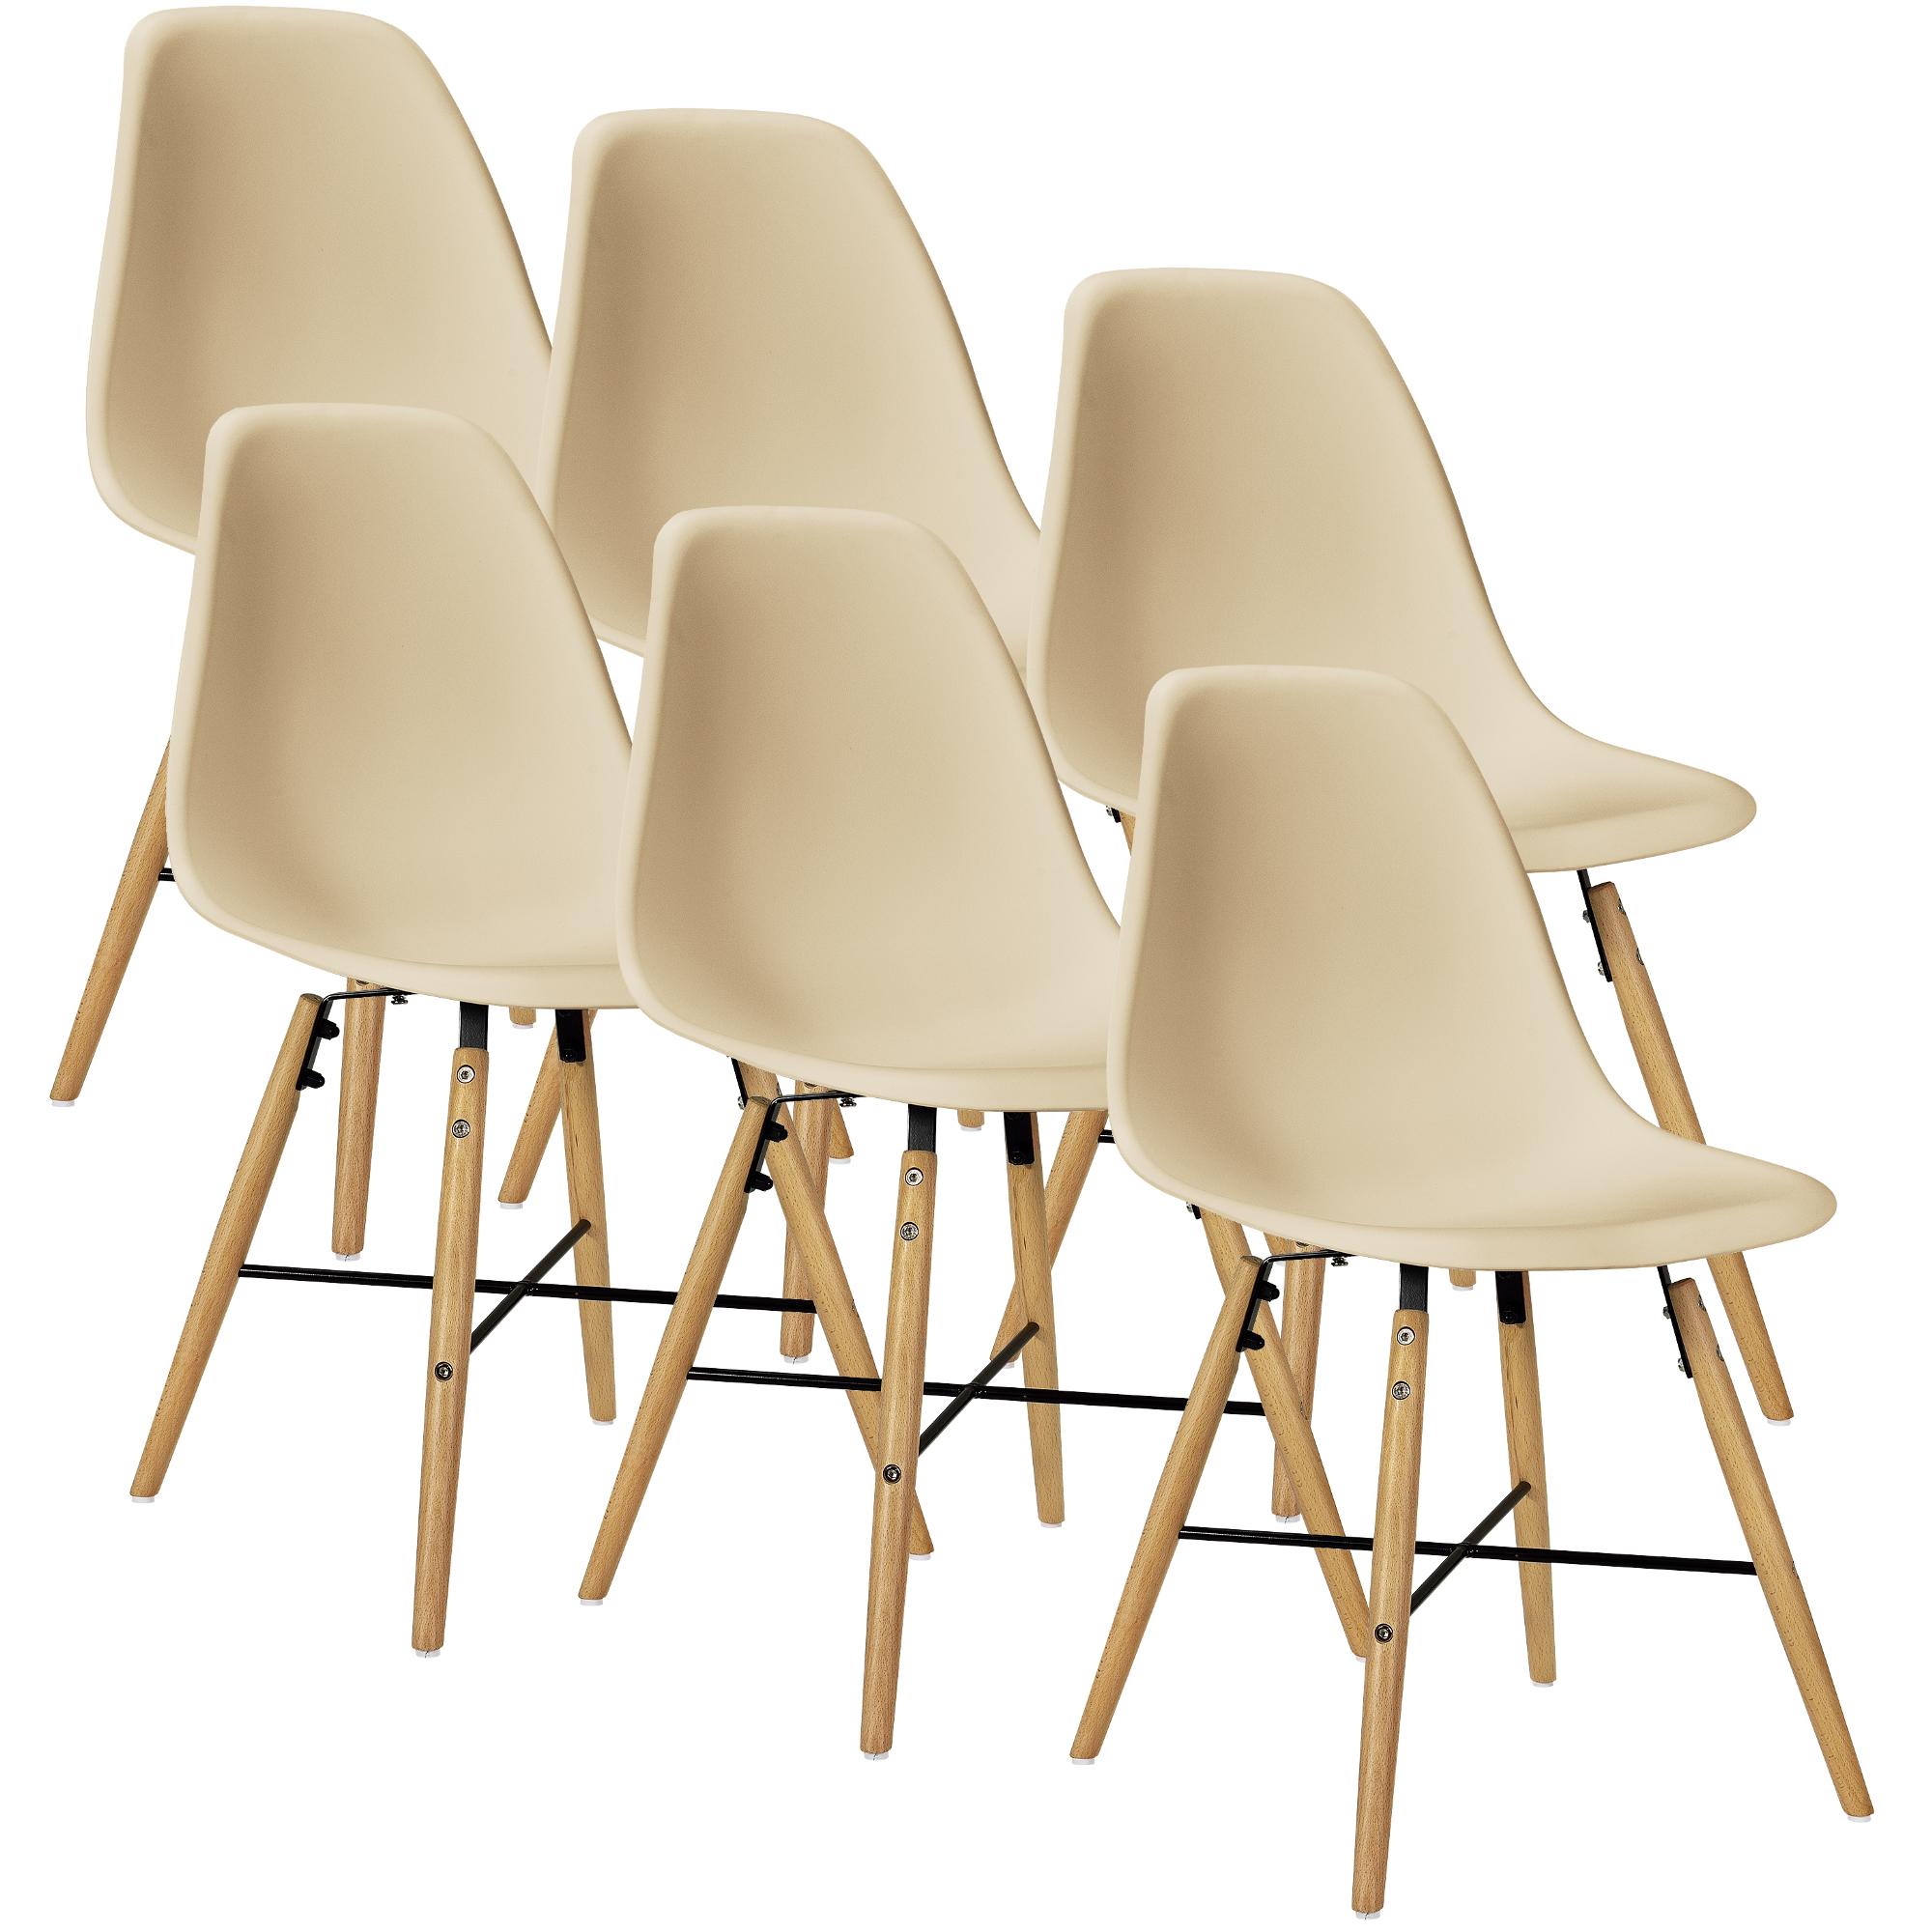 esstisch wei mit 6 st hlen beige 140x90cm. Black Bedroom Furniture Sets. Home Design Ideas